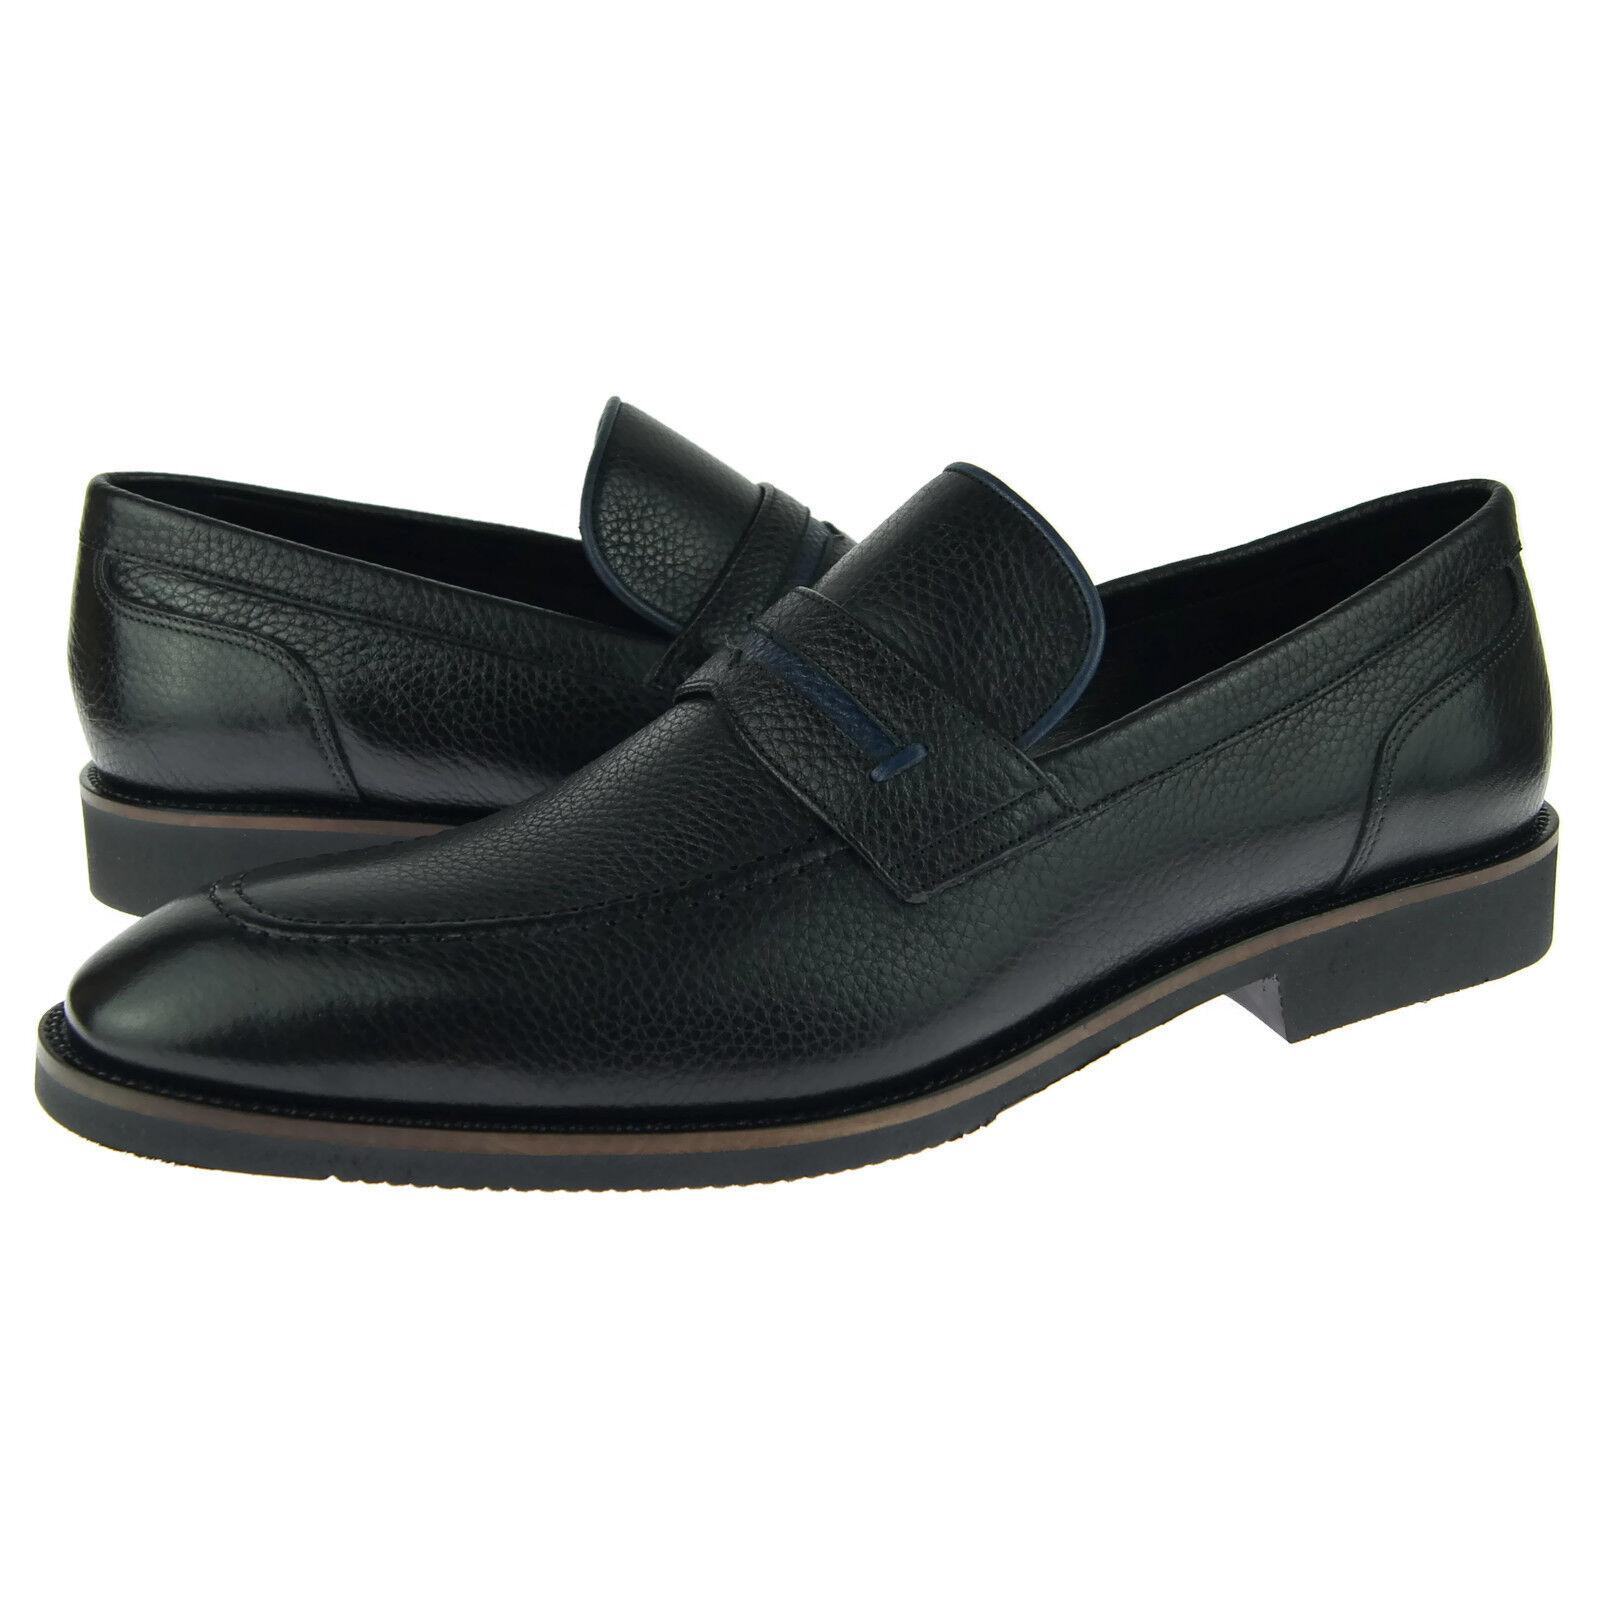 Alex D   Monterey   Vibram Mocassino Penny,hombres Abito   zapatos di Cuoio Casuali,